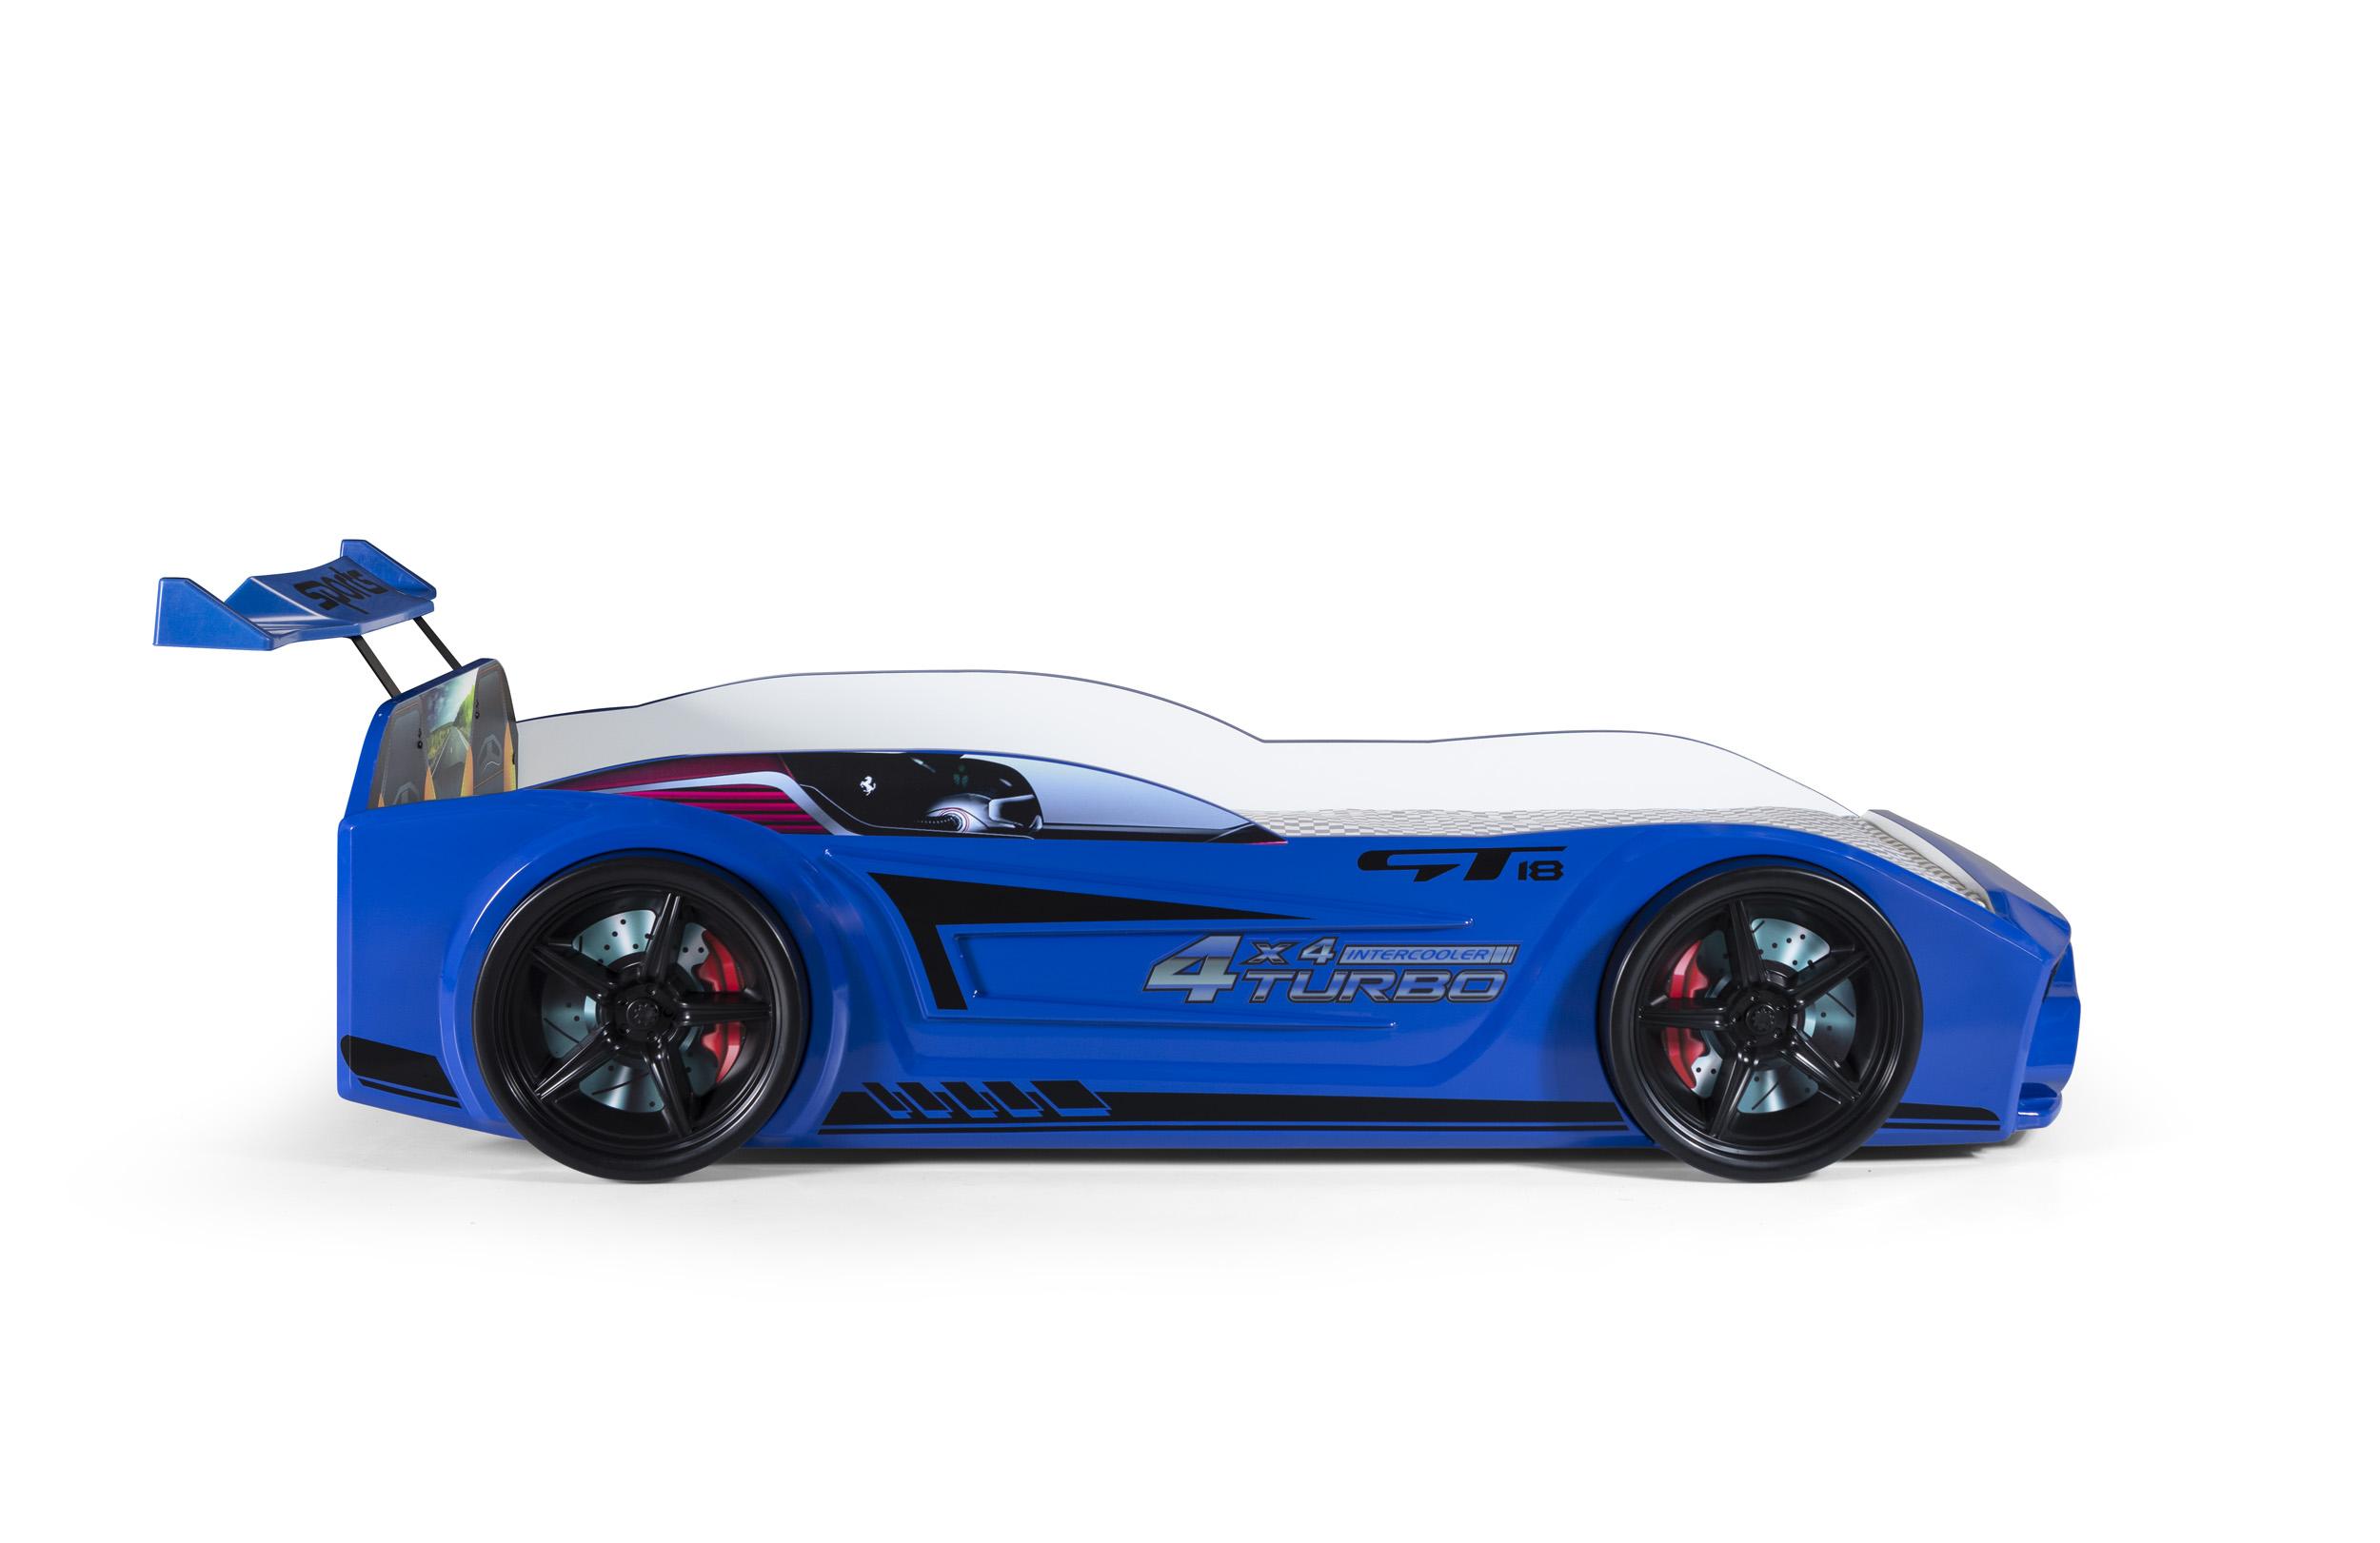 Kinder Autobett GT18 Turbo 4x4 in Blau